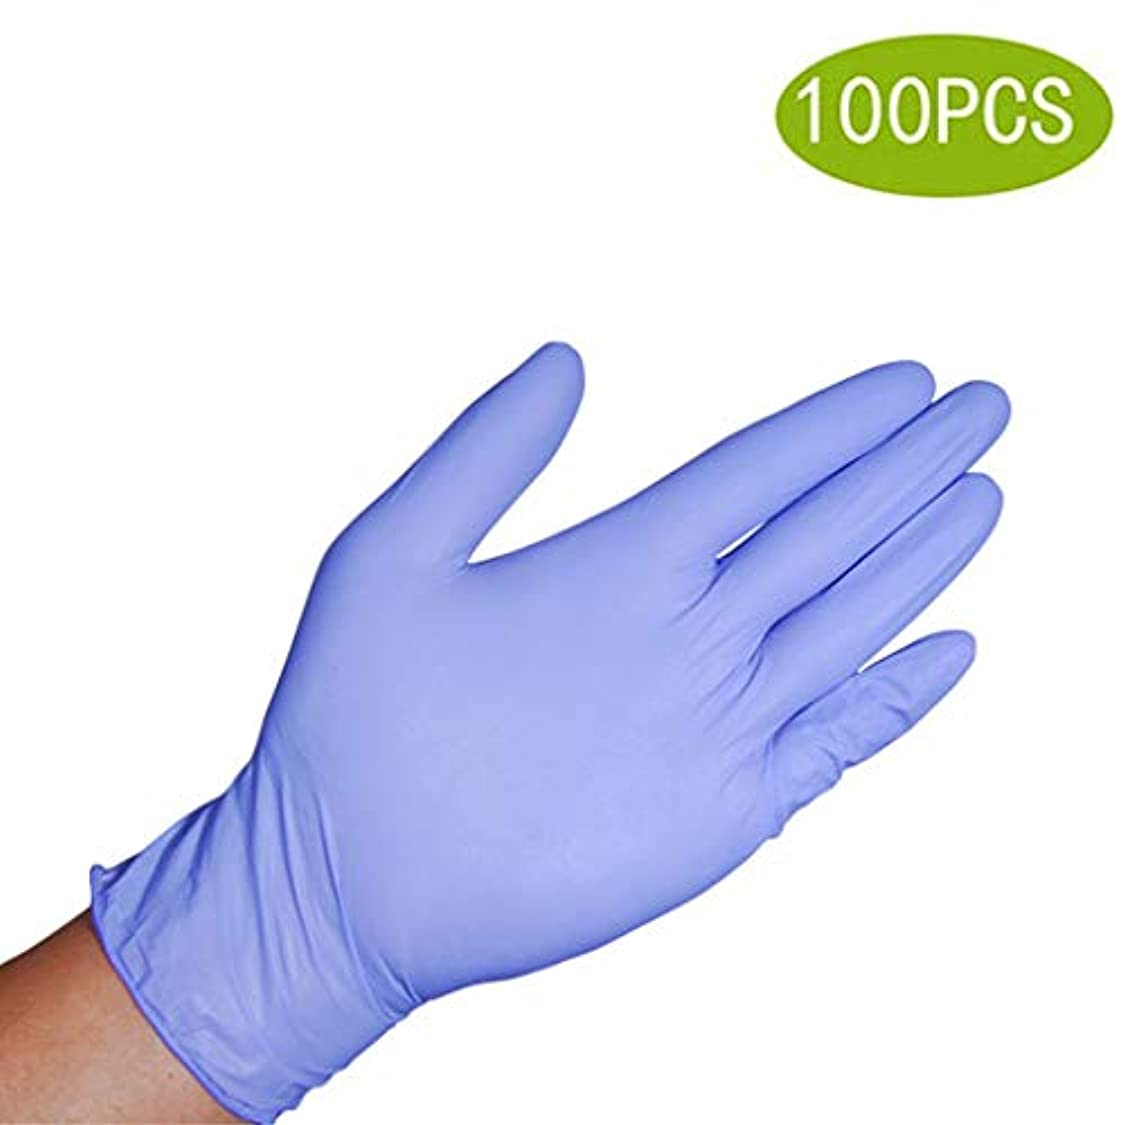 許される行破裂ラテックス手袋子供用手袋、4?10年間のニトリル手袋 - ラテックスフリー、食品グレード、パウダーフリー - クラフト、絵画、ガーデニング、調理、クリーニング用 - 100個入りパープル (Size : M)